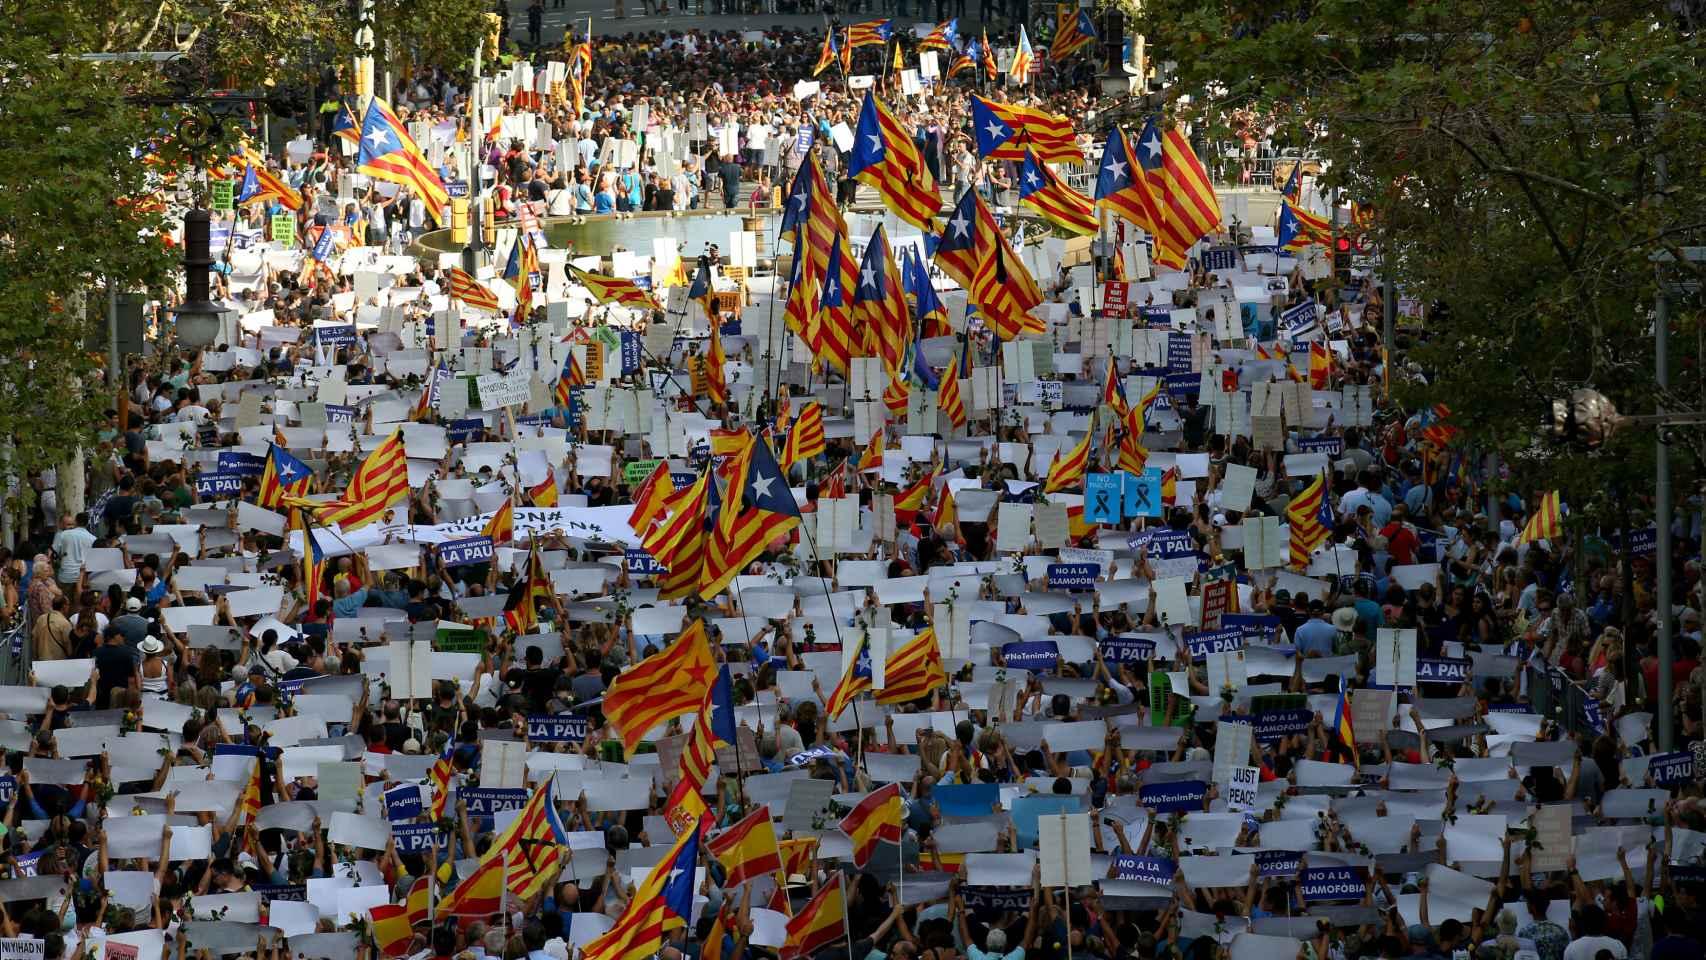 En un encuentro convocado para manifestar y demandar la unión contra un enemigo común,  numerosos catalanes han puesto de relieve su sed de división a través del izado de esteladas.